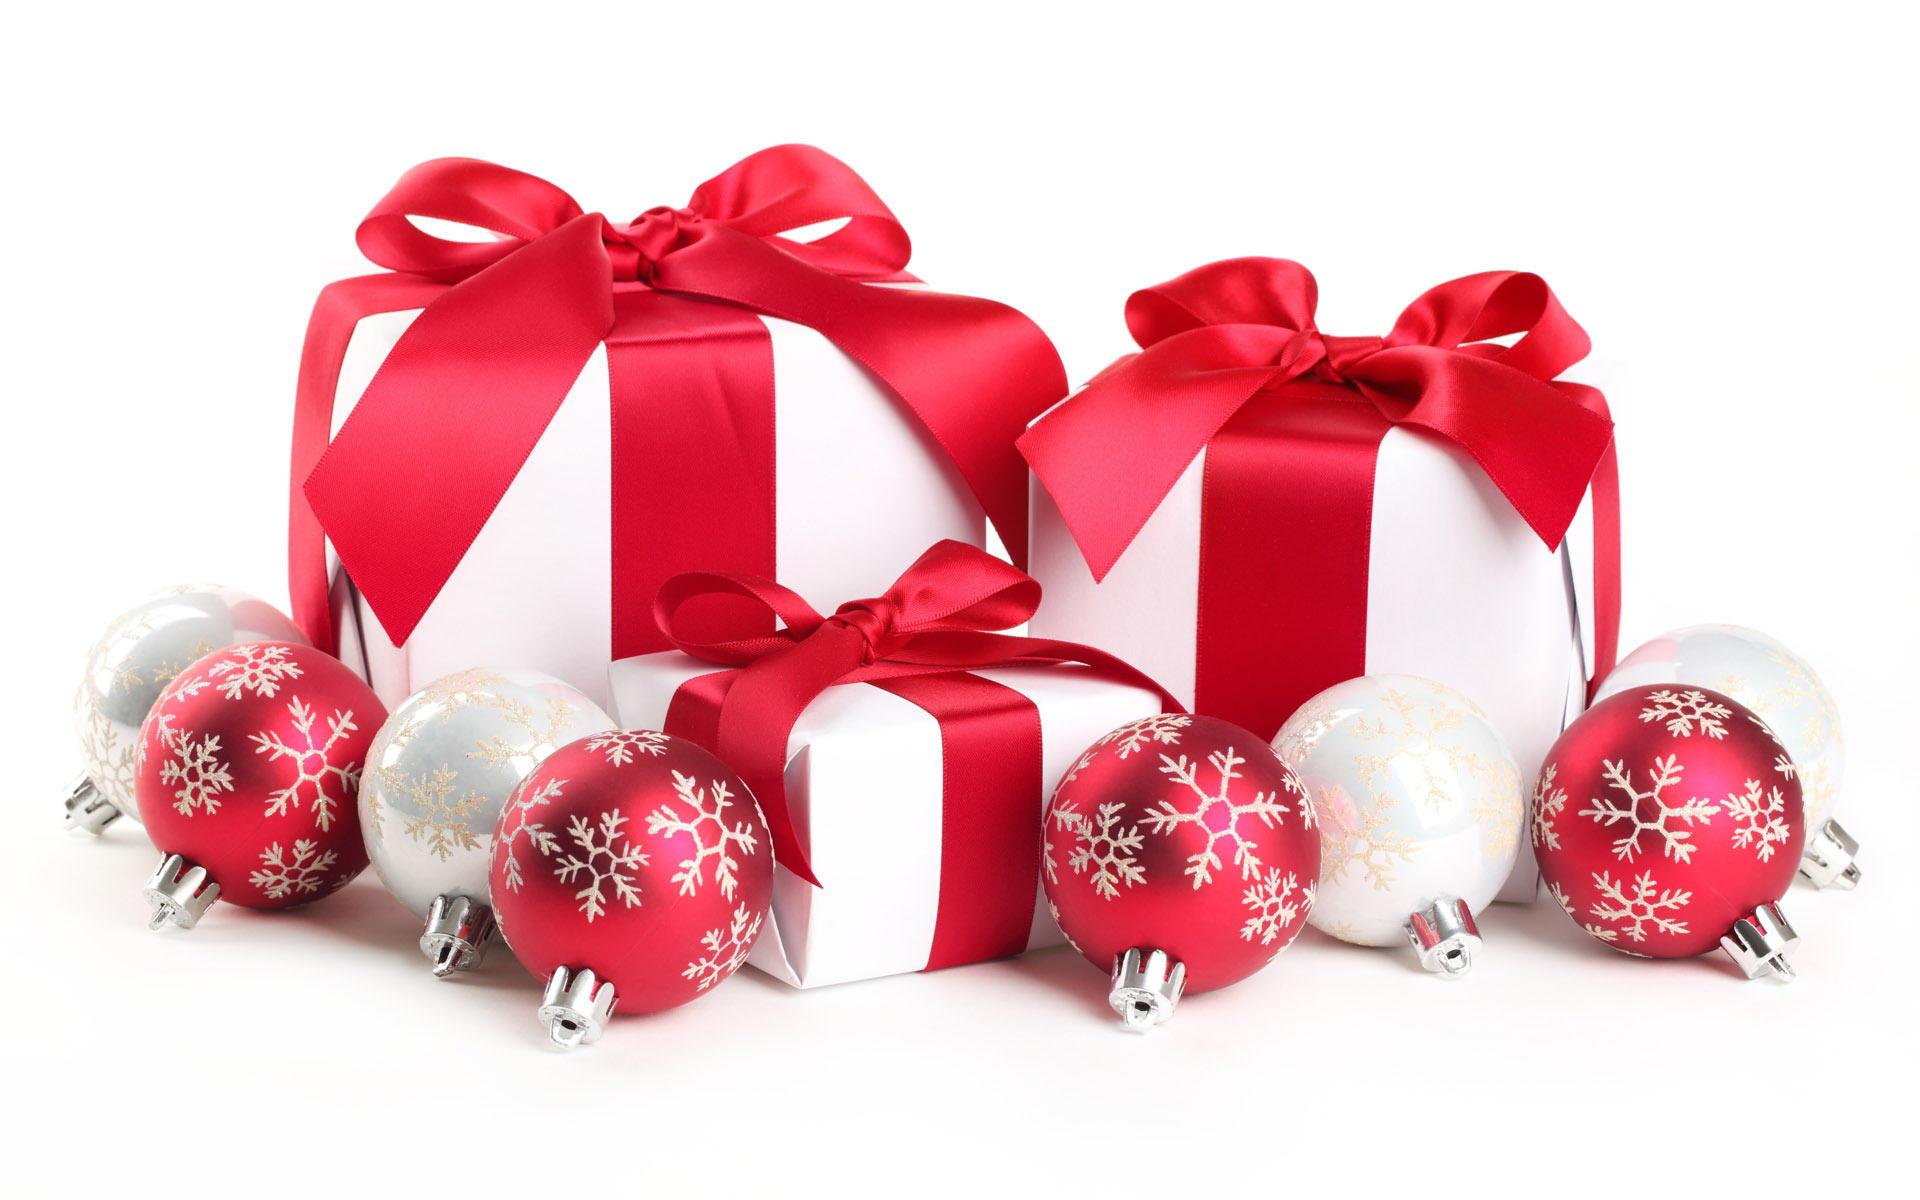 Sfondi Natale - Sfondi regali di Natale